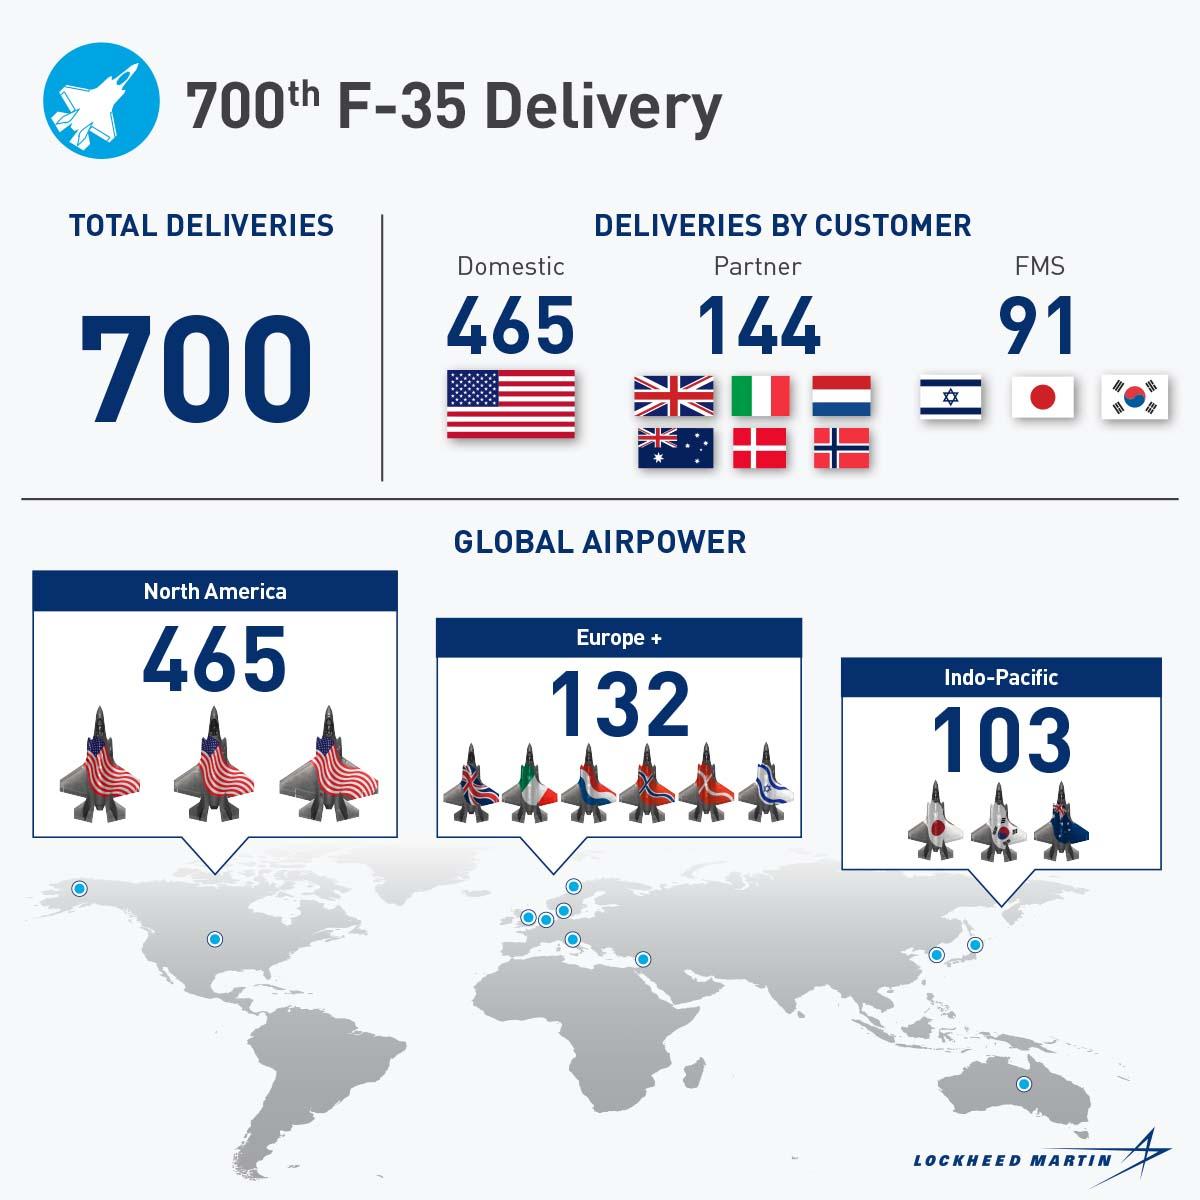 700 gli F-35 consegnati da Lockheed Martin a USA e partners internazionali